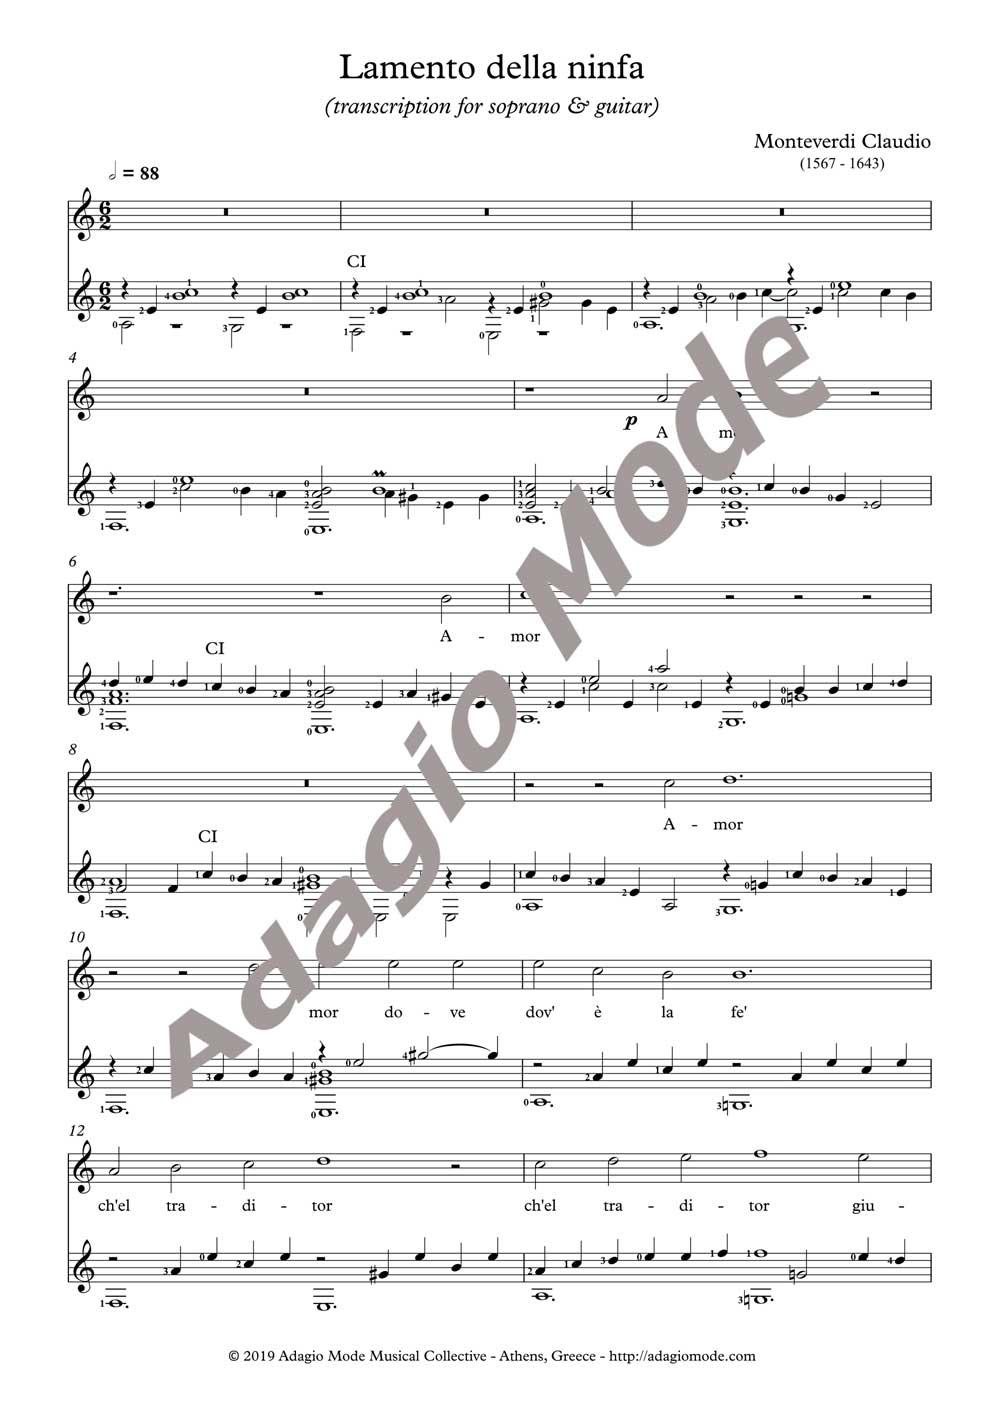 Monteverdi Claudio - Lamento della ninfa